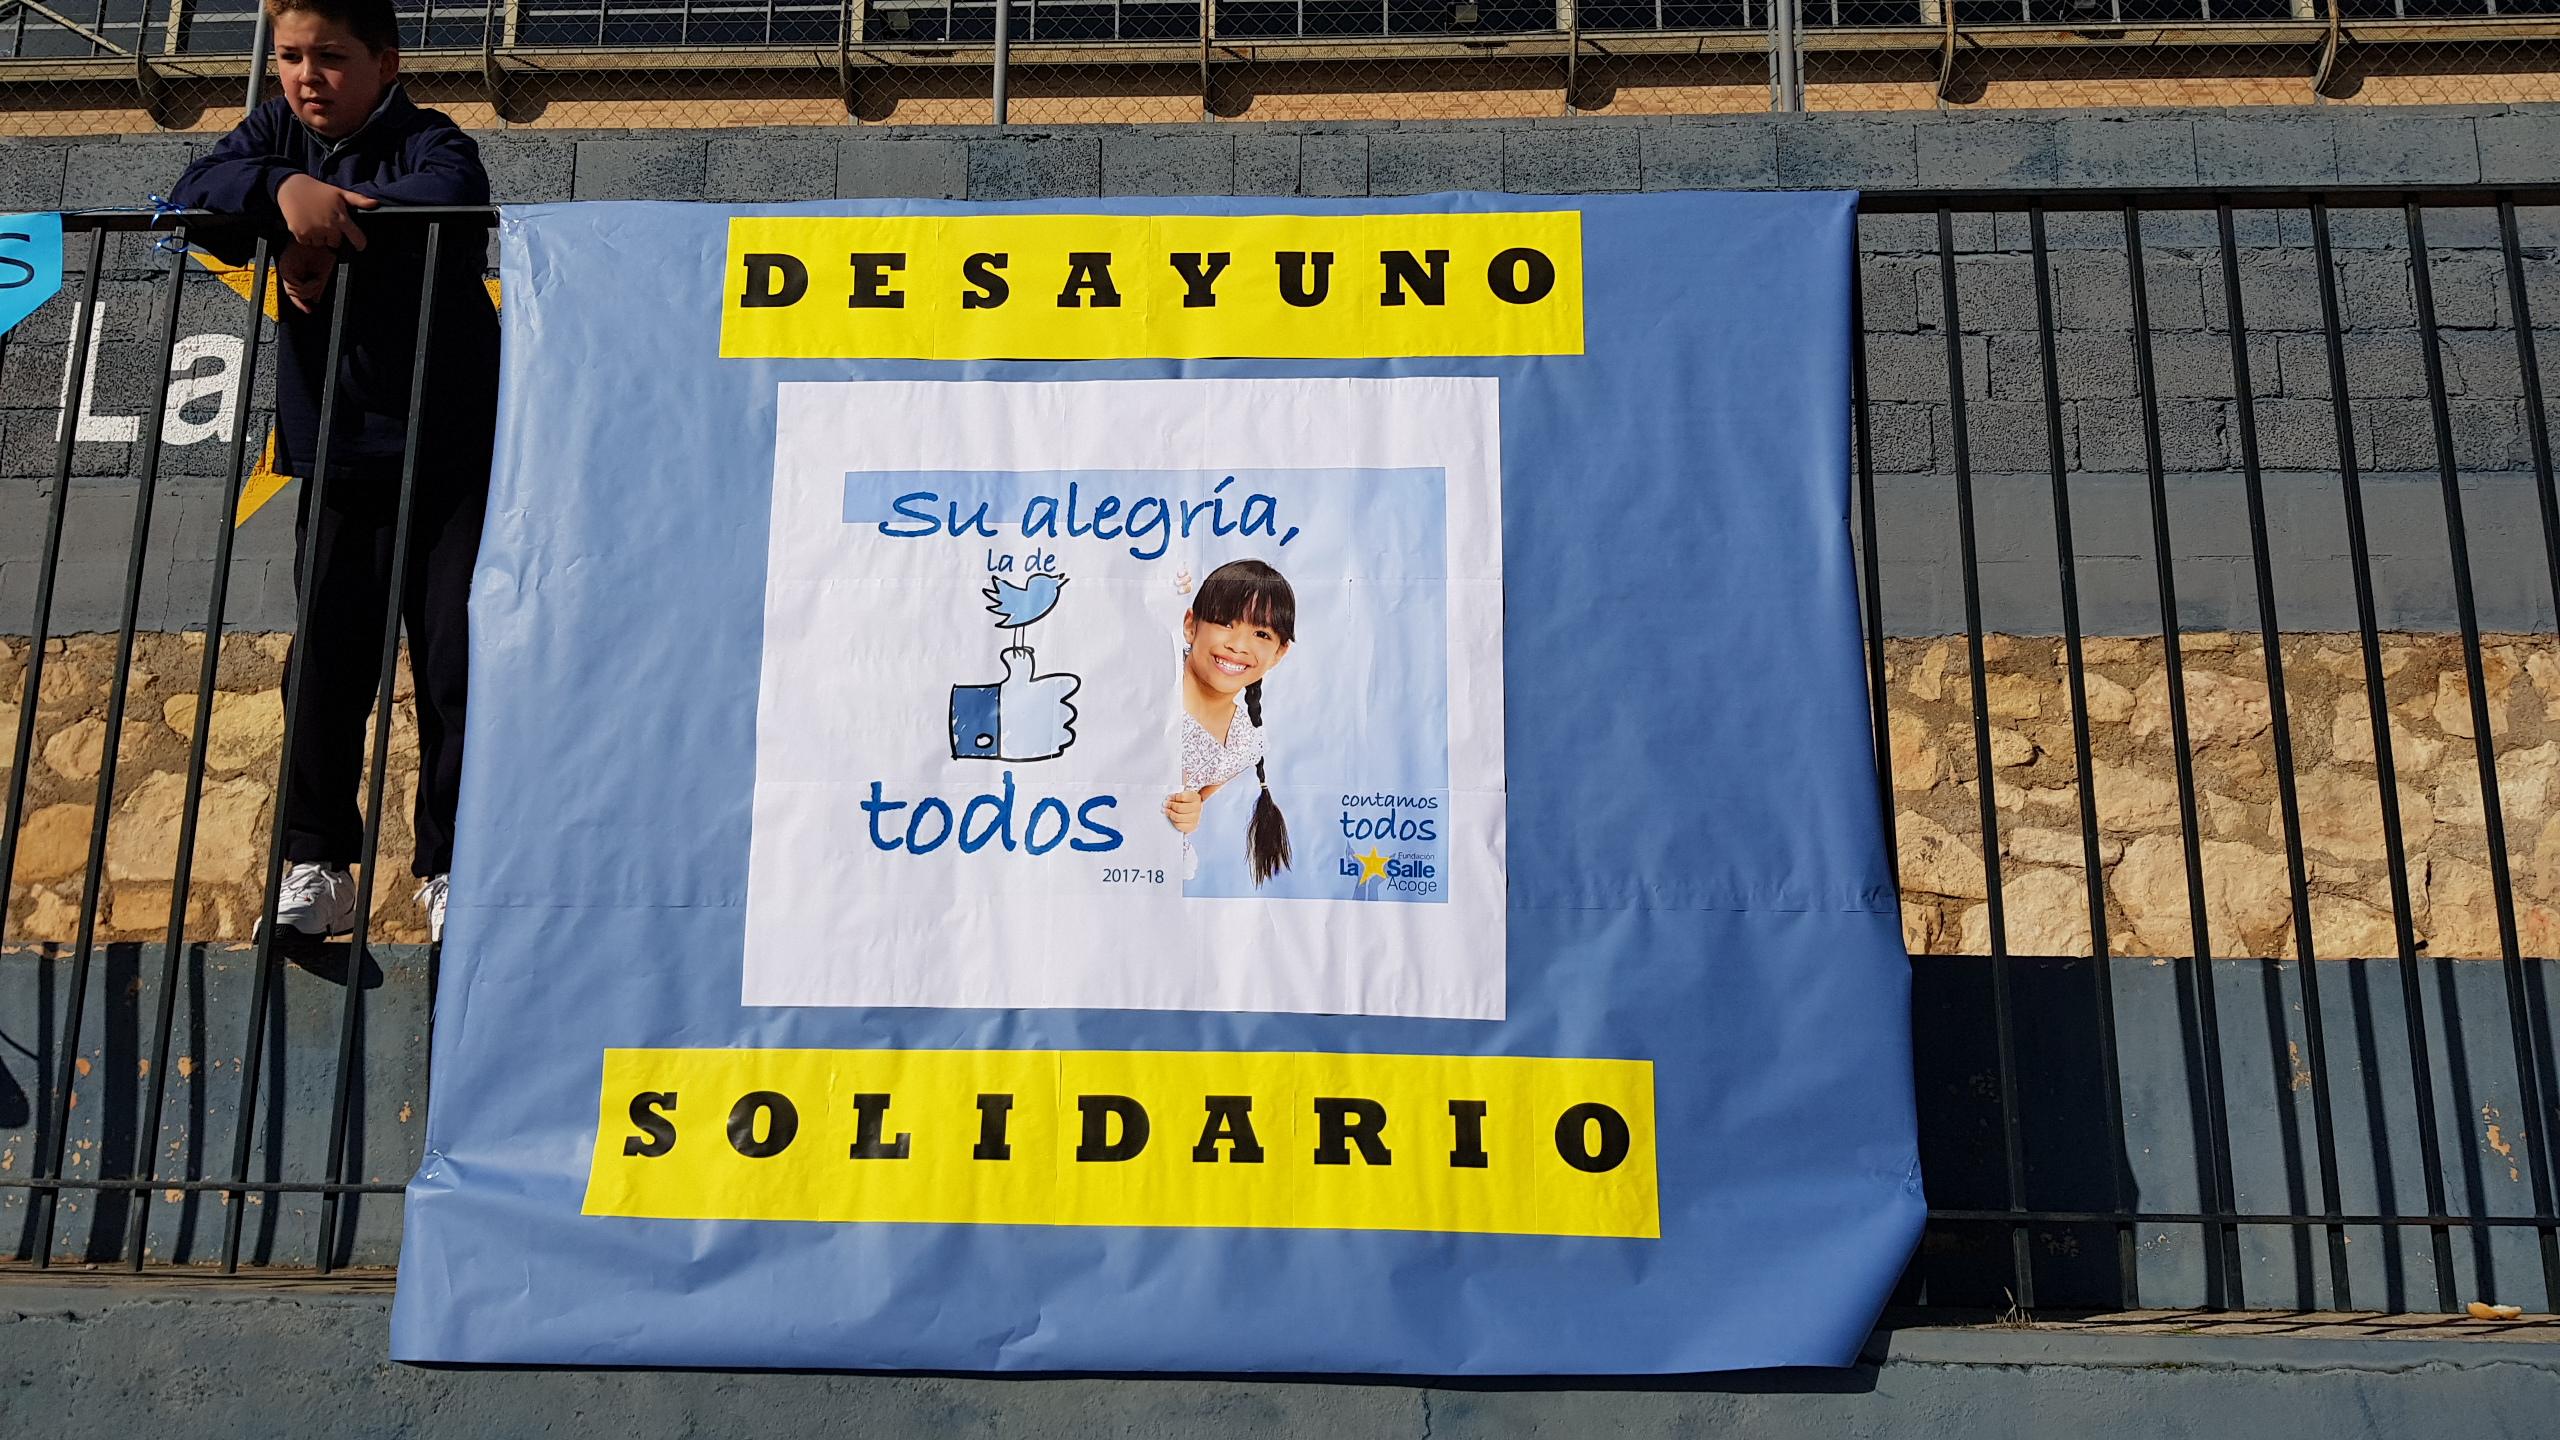 Desayuno solidario en La Salle Alcoi